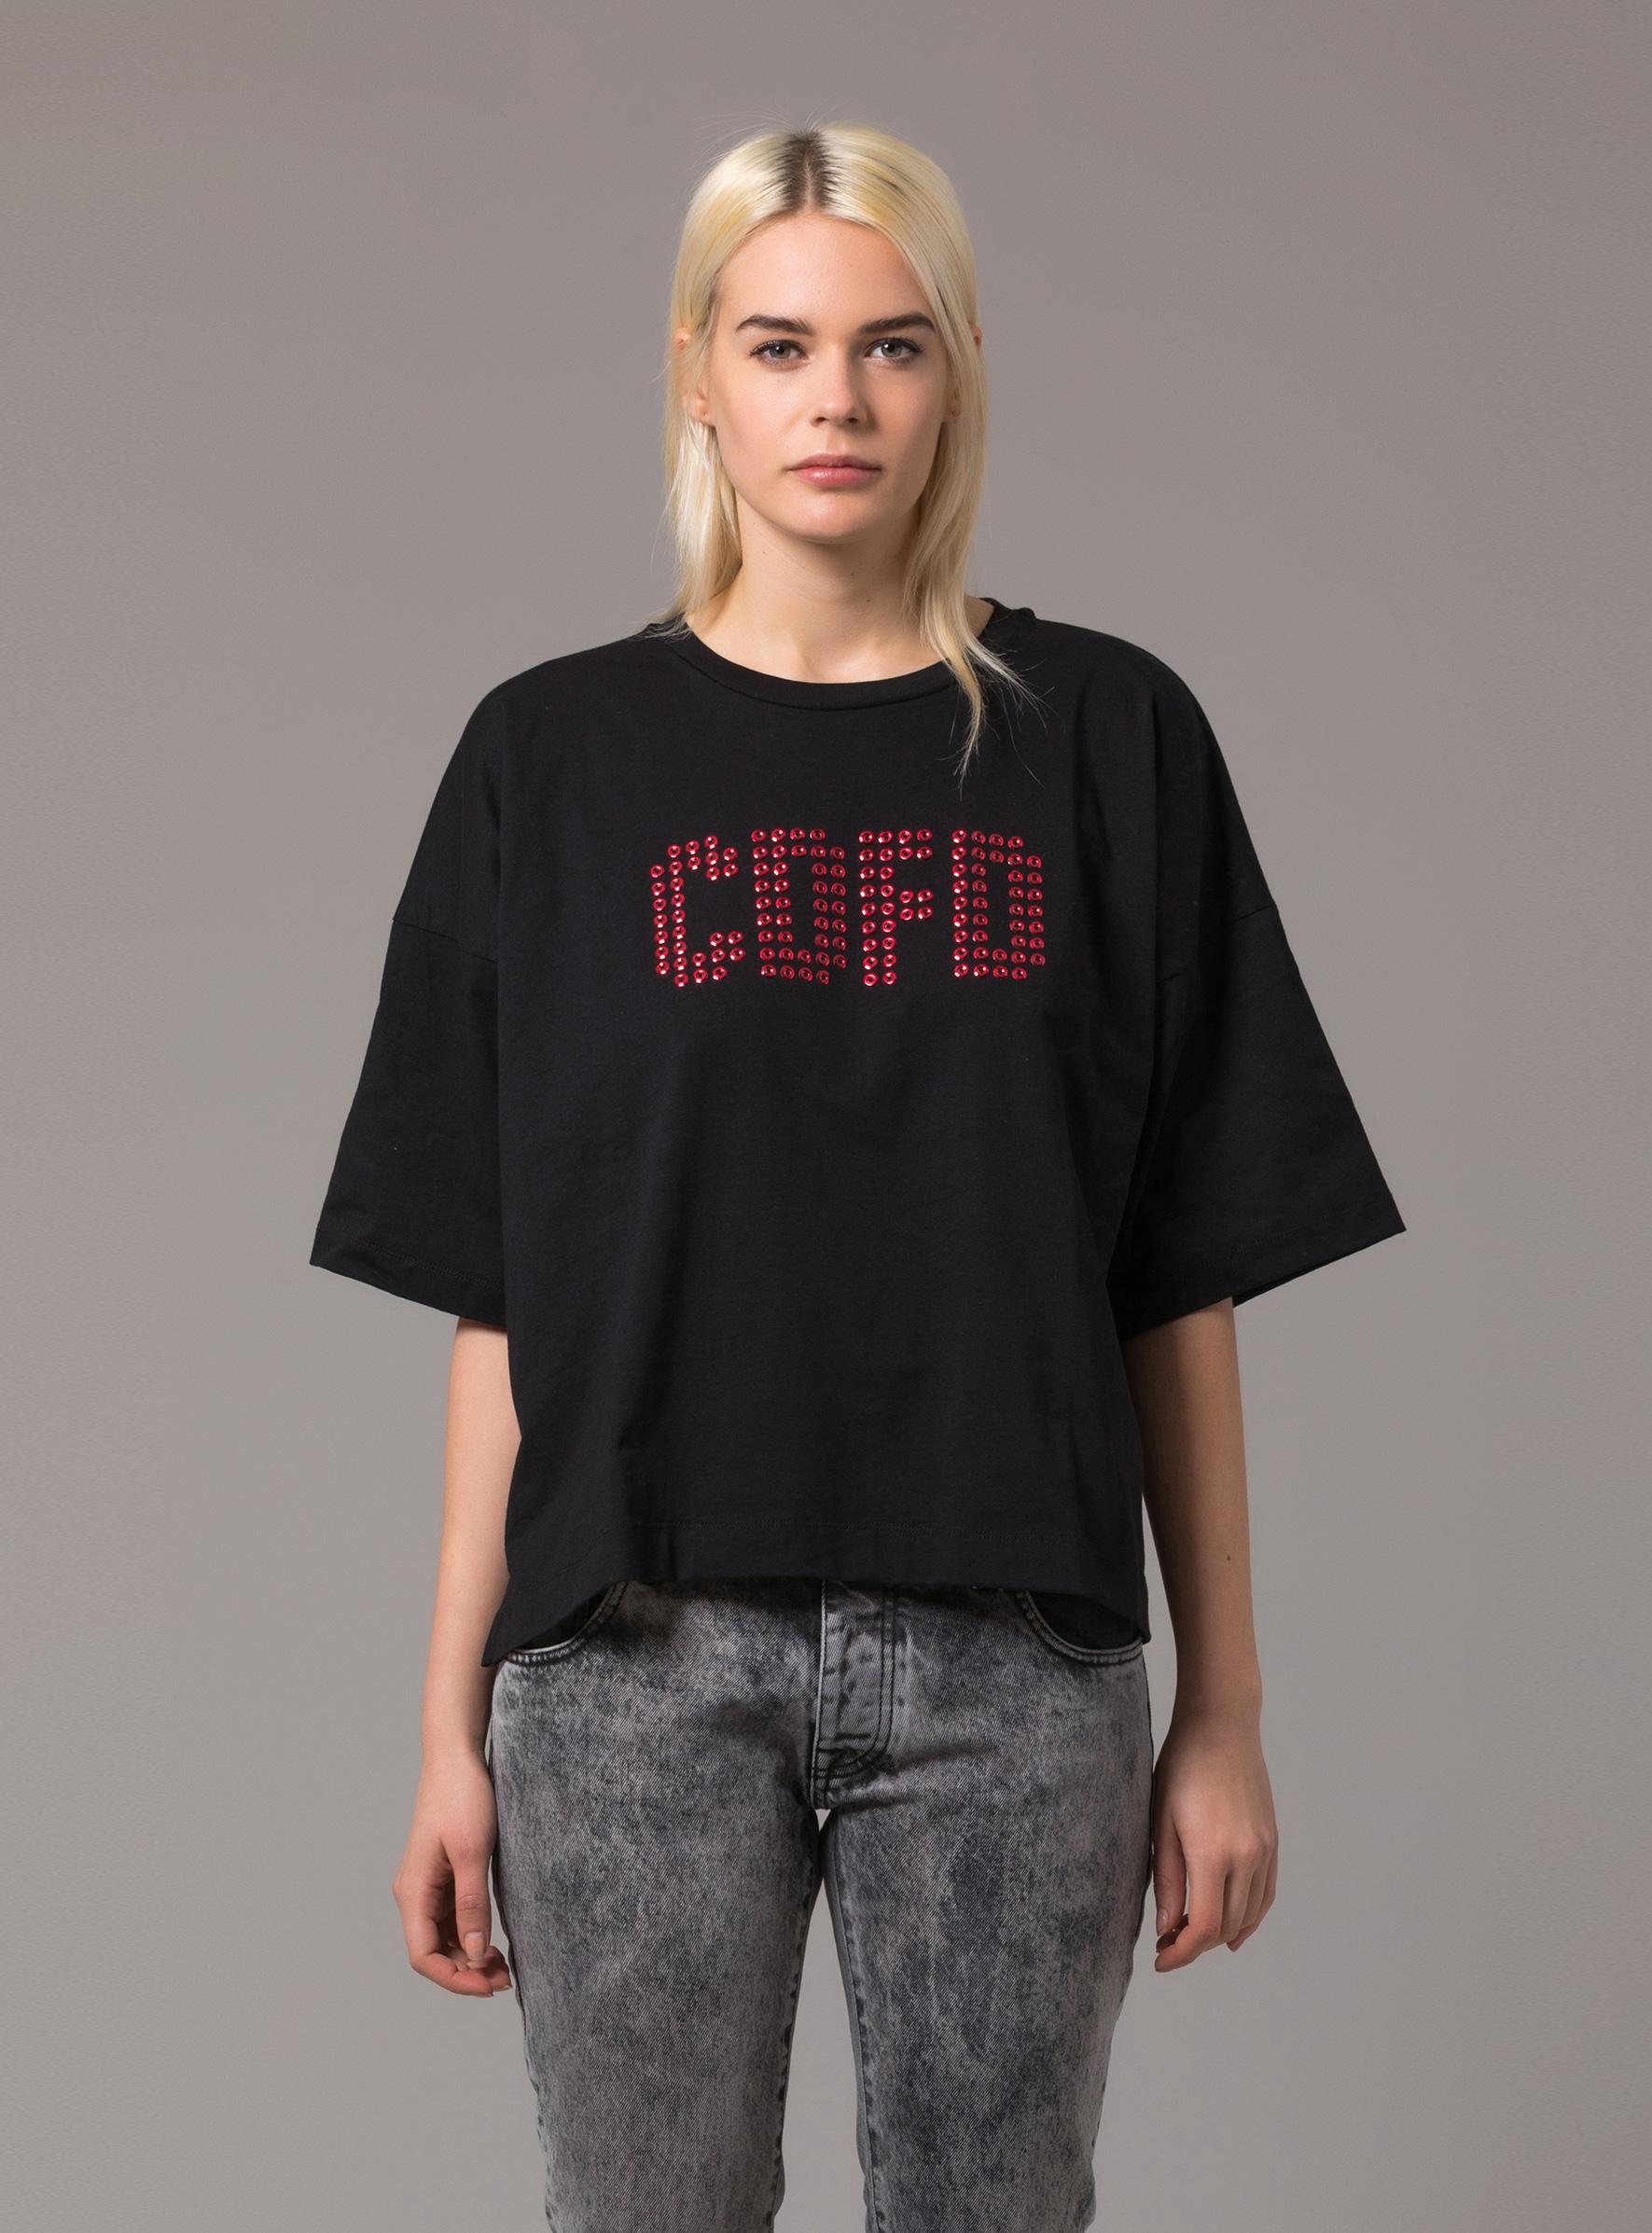 T-SHIRT - CDFD466 - COMME DES FKDOWN